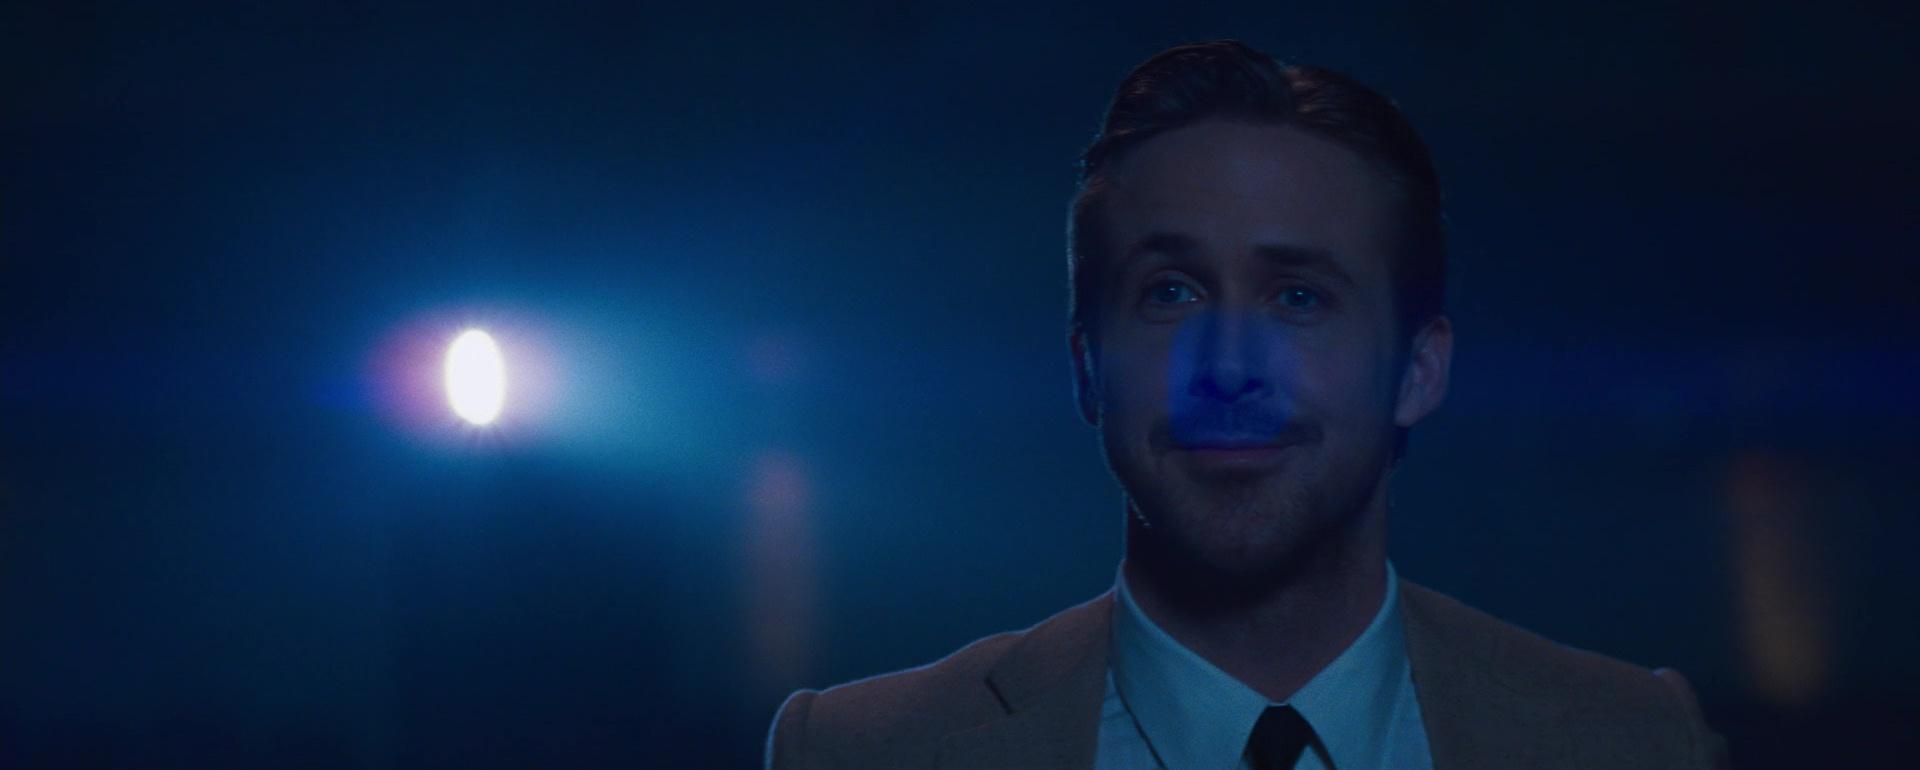 La La Land film still 9